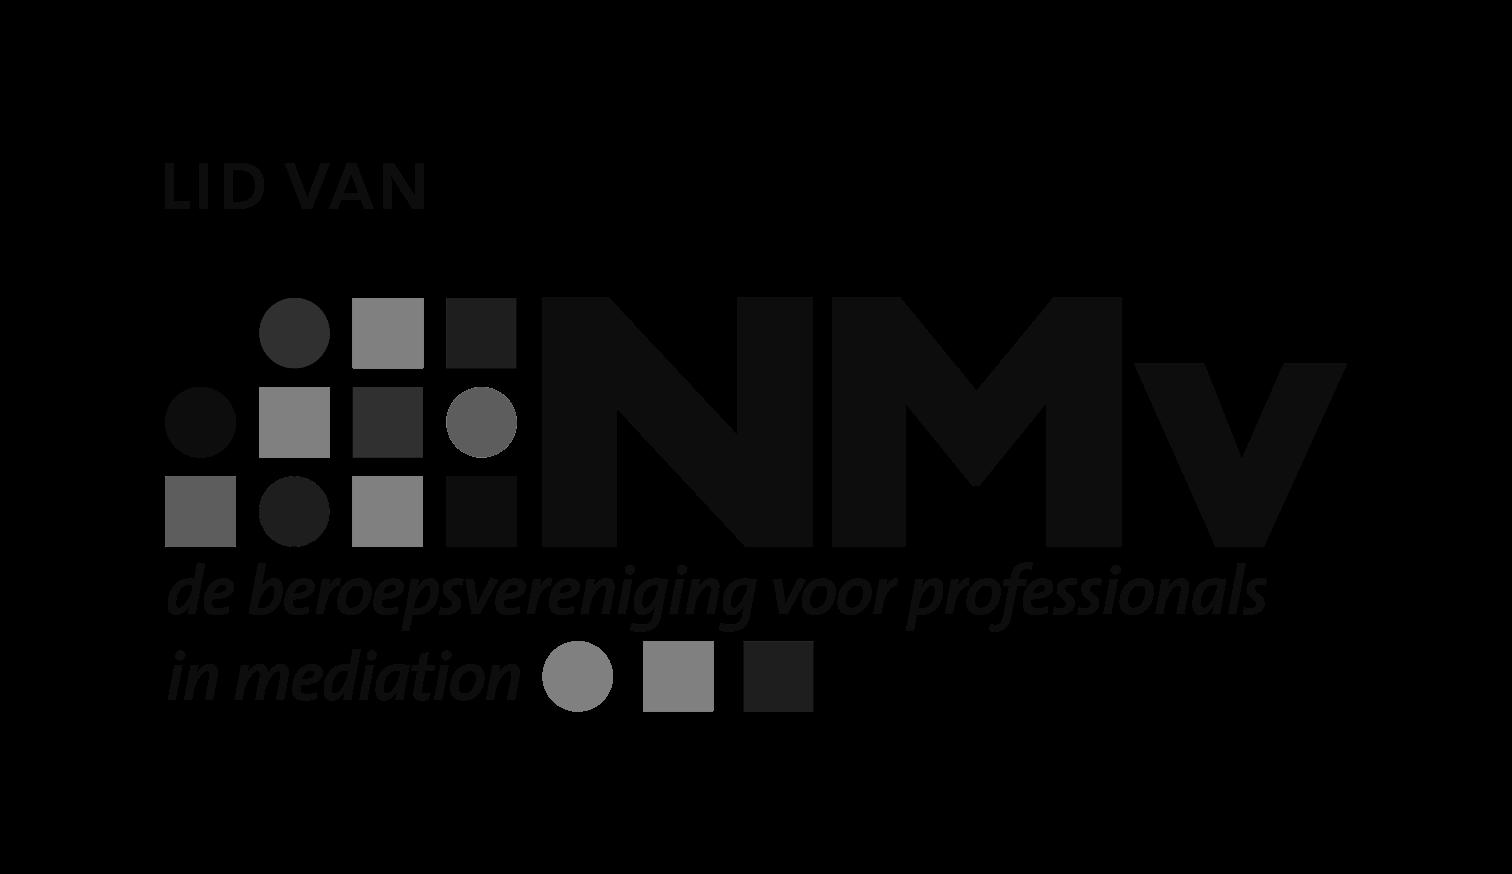 Logo nederlandse mediatorsverenigning nmv lid van300dpi zwart